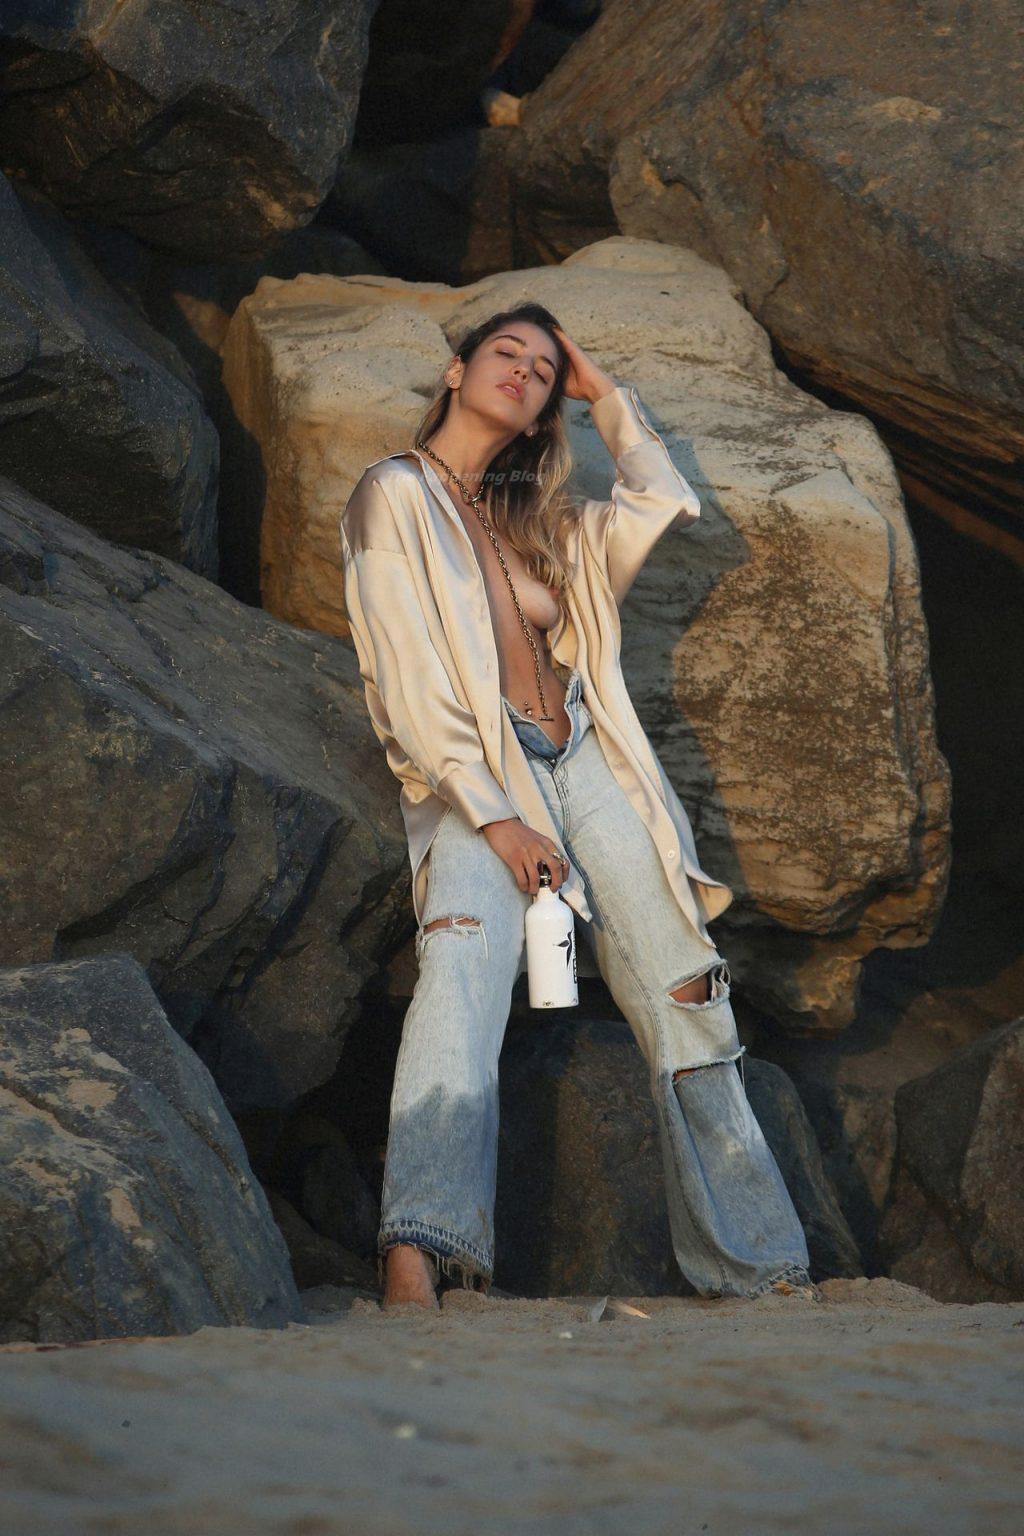 Bridgette Audrey Has a Wardrobe Malfunction on the Beach in LA (69 Nude & Sexy Photos)